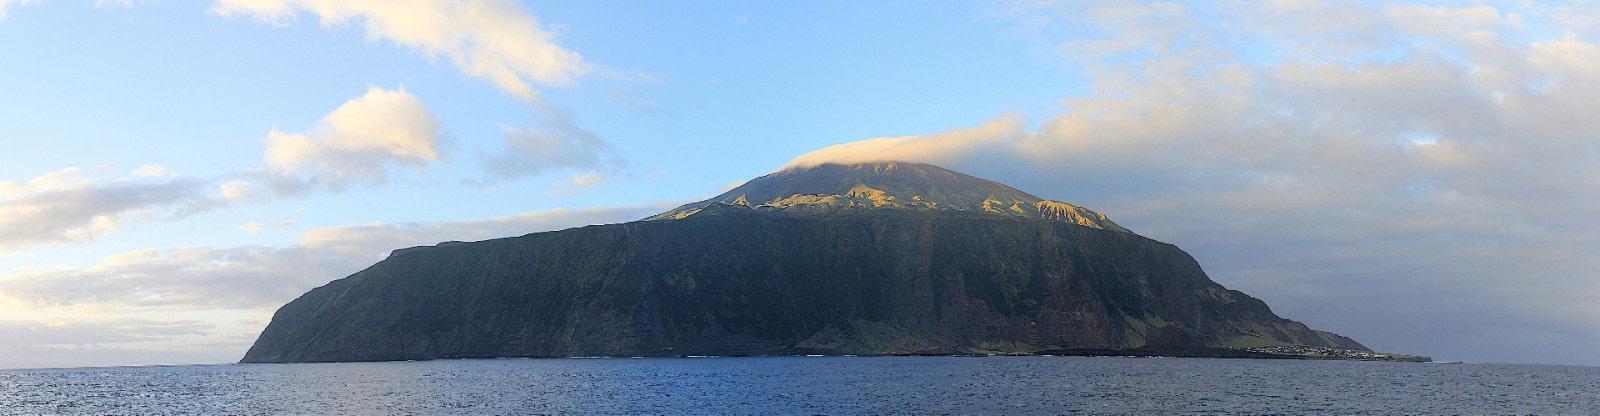 PLA35-18 Tristan Da Cunha at sun rise